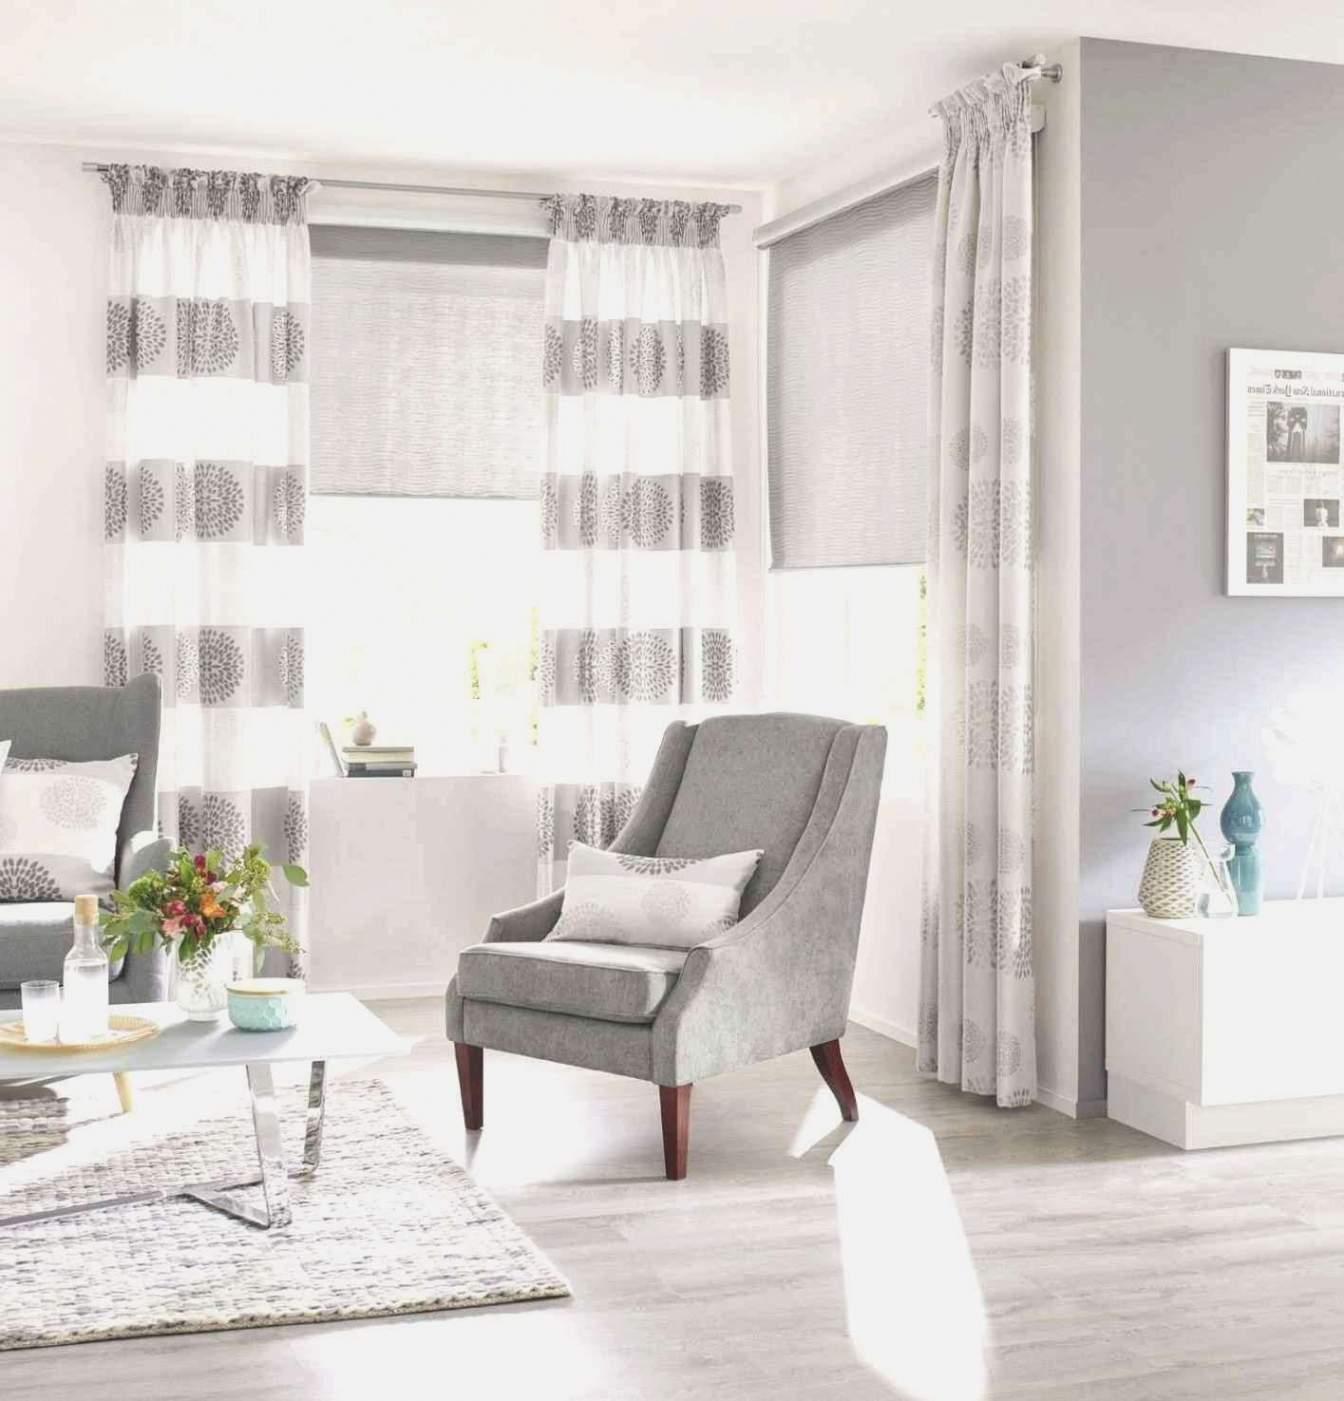 Full Size of 36 Elegant Wohnzimmer Vorhang Einzigartig Frisch Deckenleuchten Led Deckenleuchte Liege Stehleuchte Hängeschrank Weiß Hochglanz Relaxliege Vitrine Kommode Wohnzimmer Vorhänge Wohnzimmer